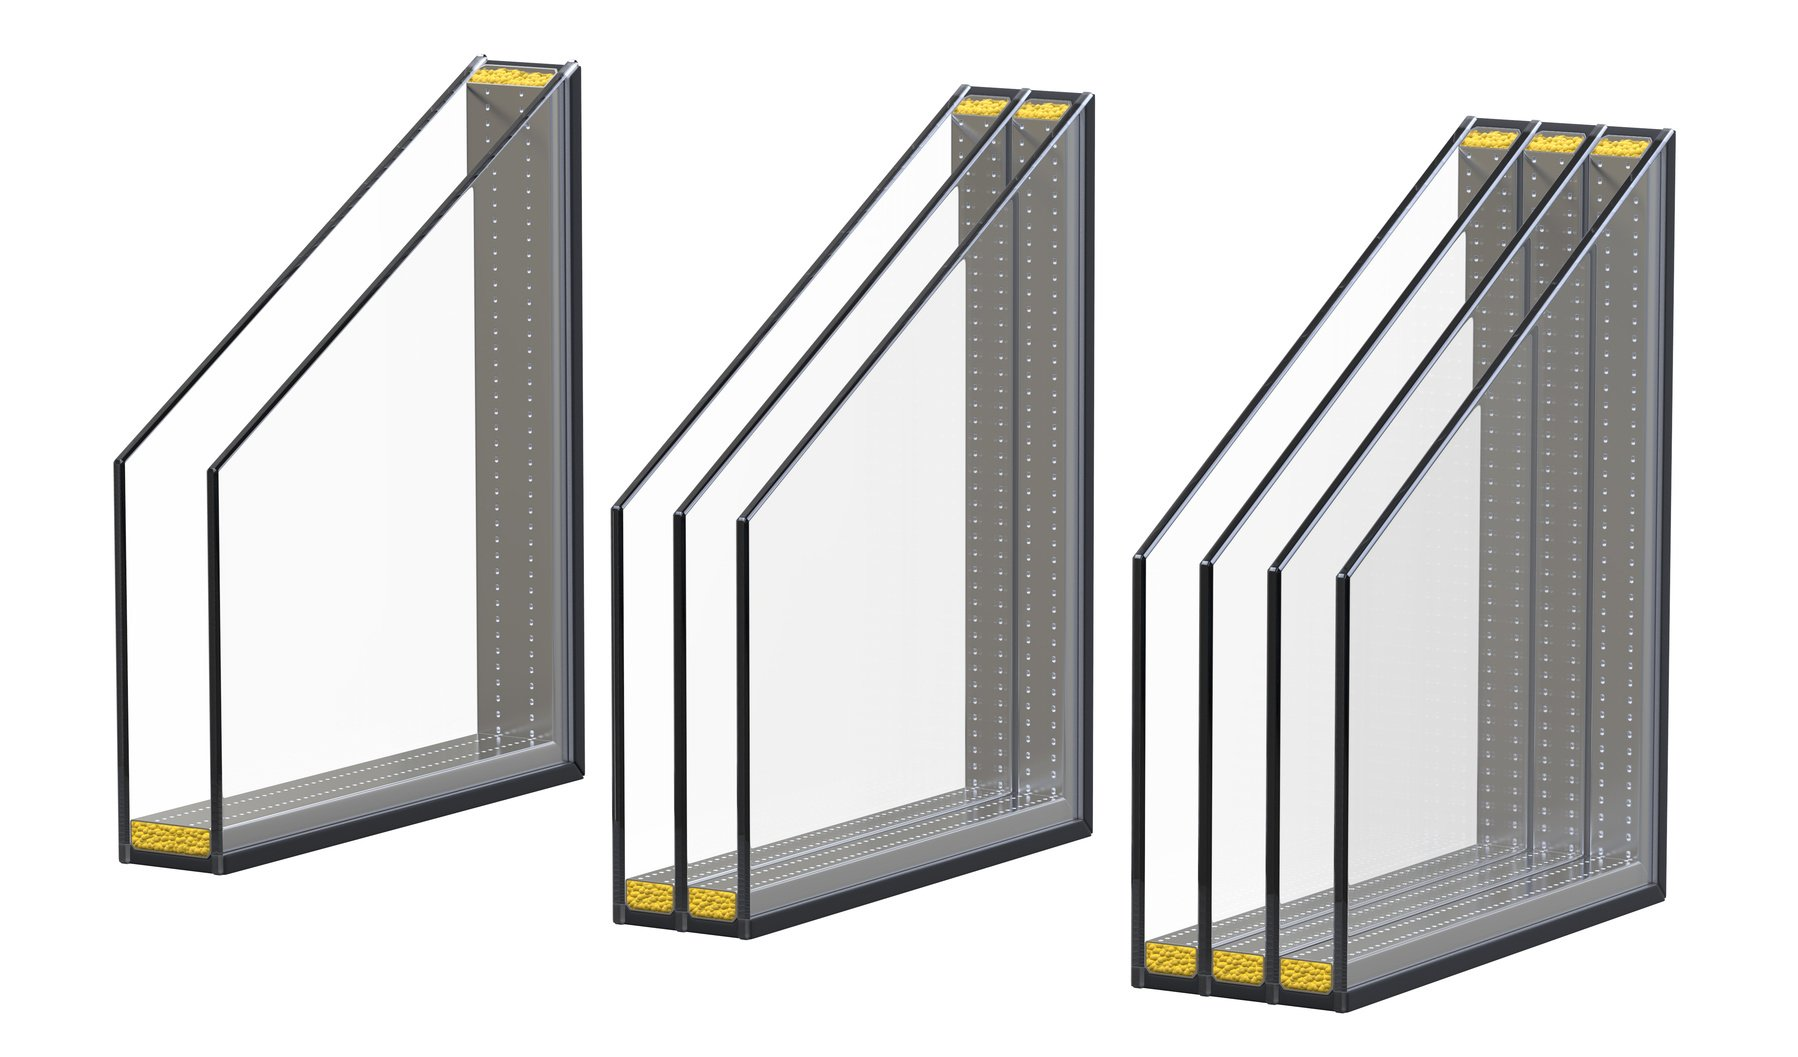 Fensterverglasung in unterschiedlichen Formen